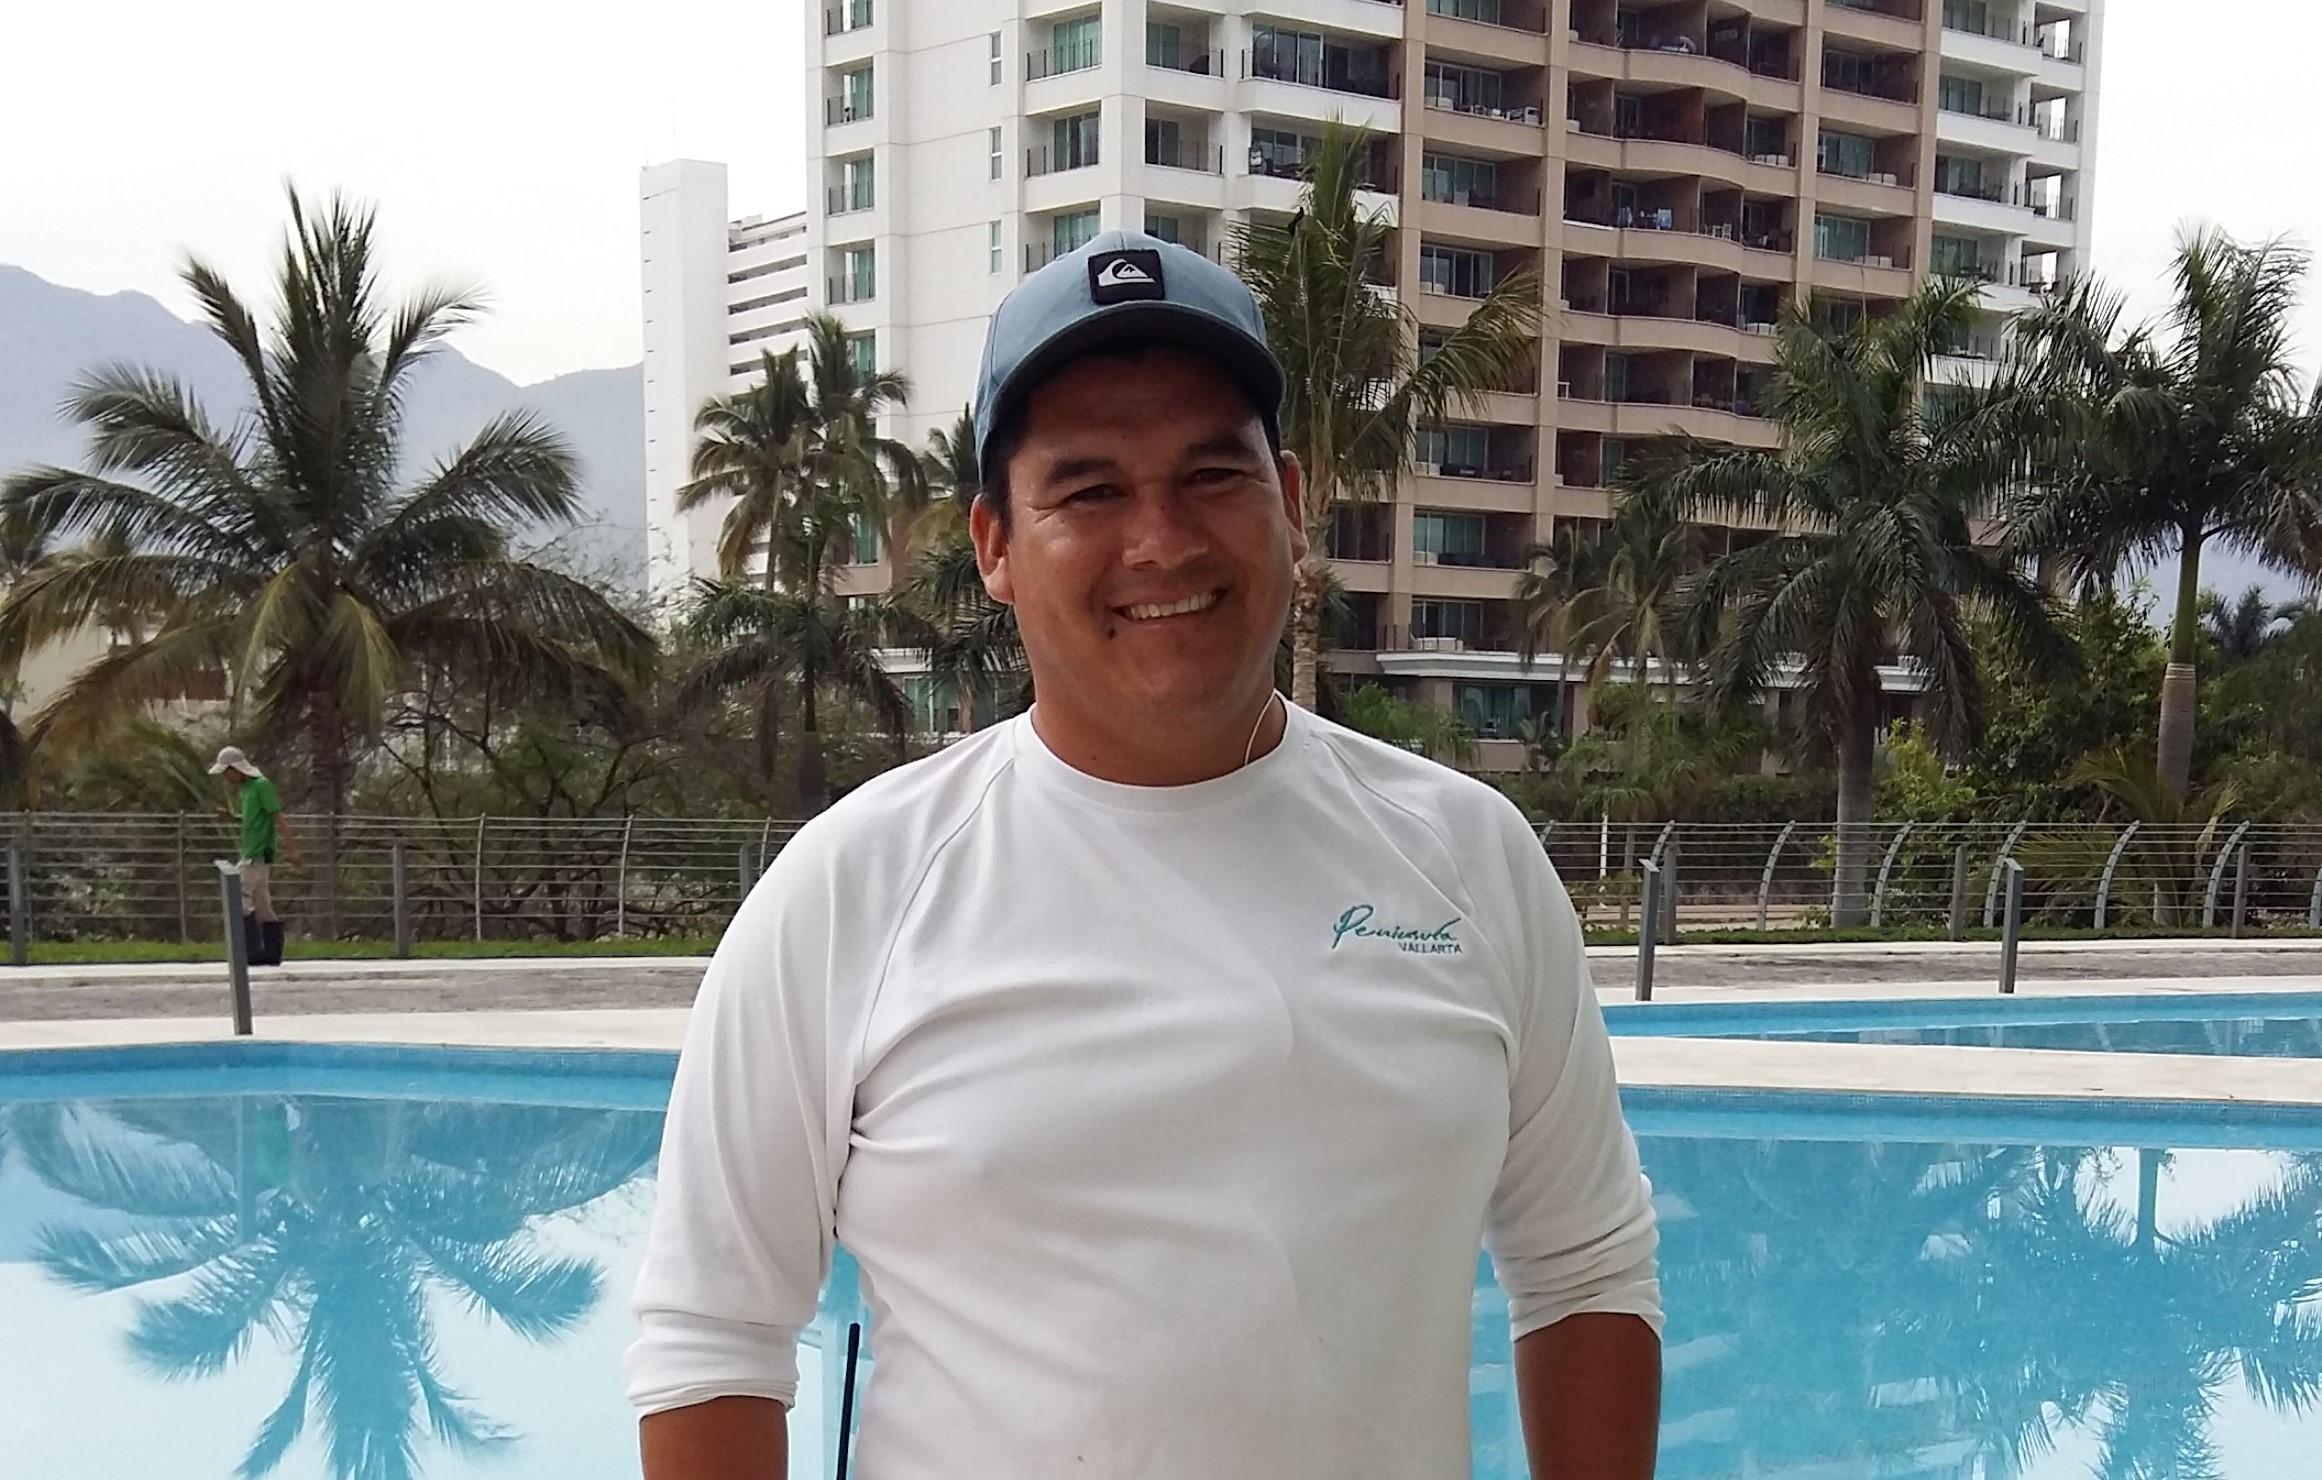 Jovany Ochoa